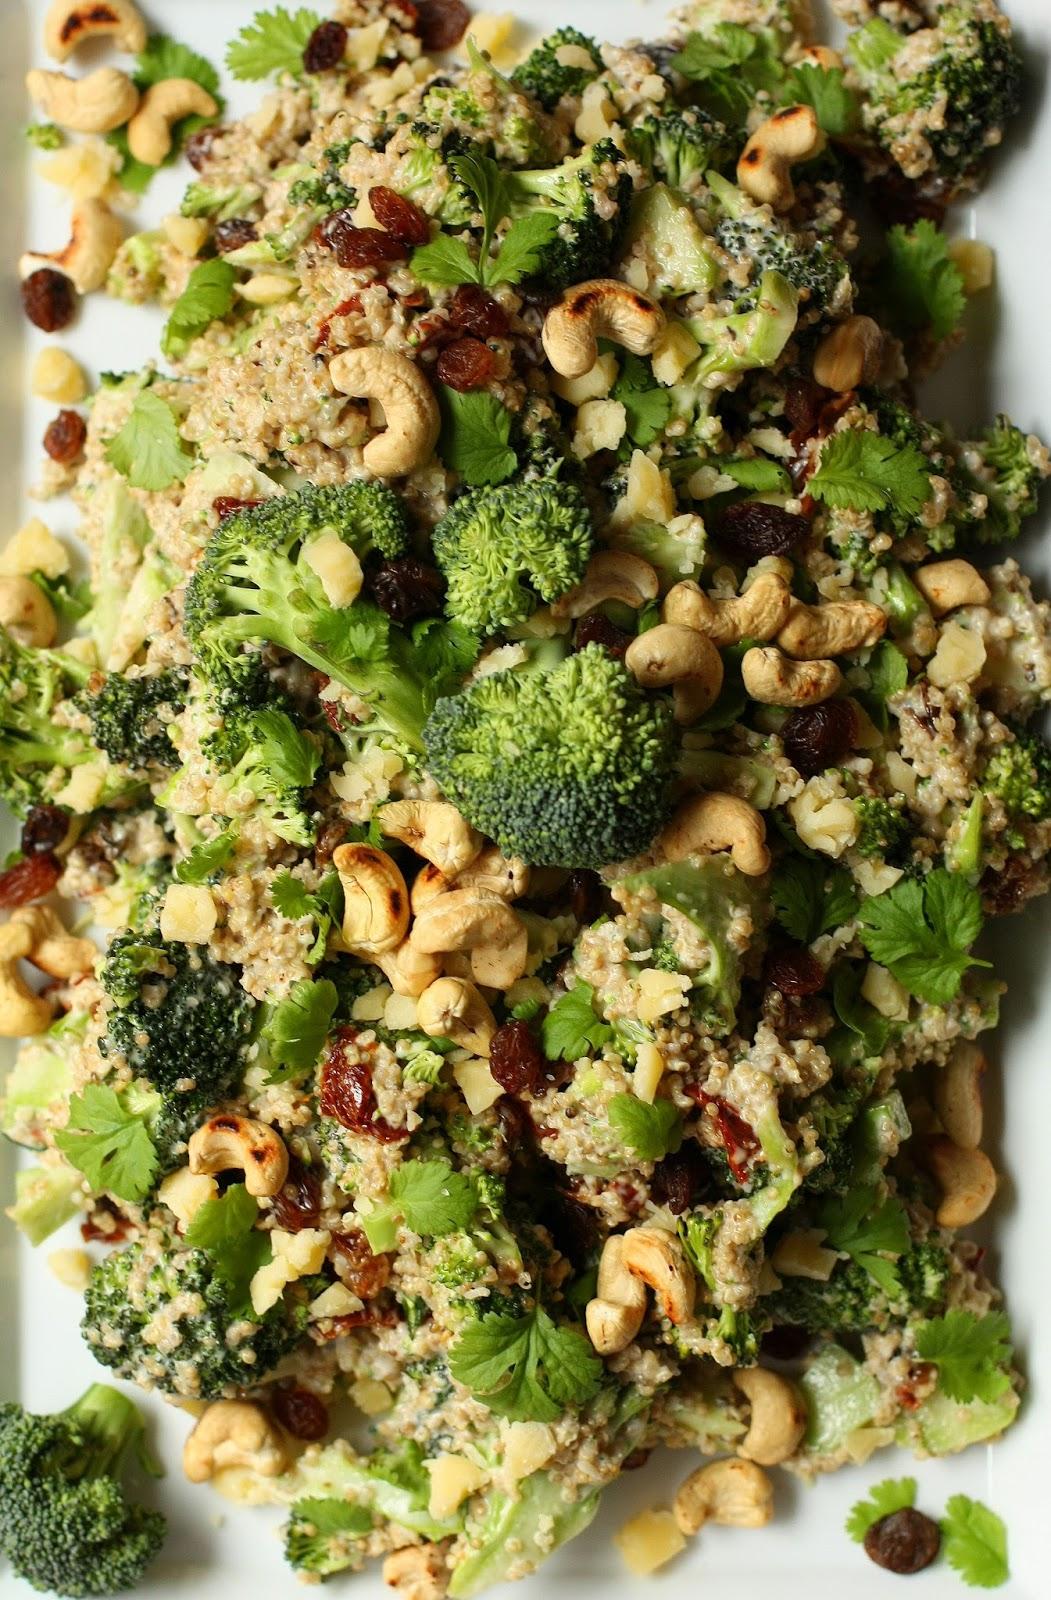 parsakaali-kvinosalaatti parsakaali sesonki satokausi vihannes salaatti kvinoa mallaspulla resepti